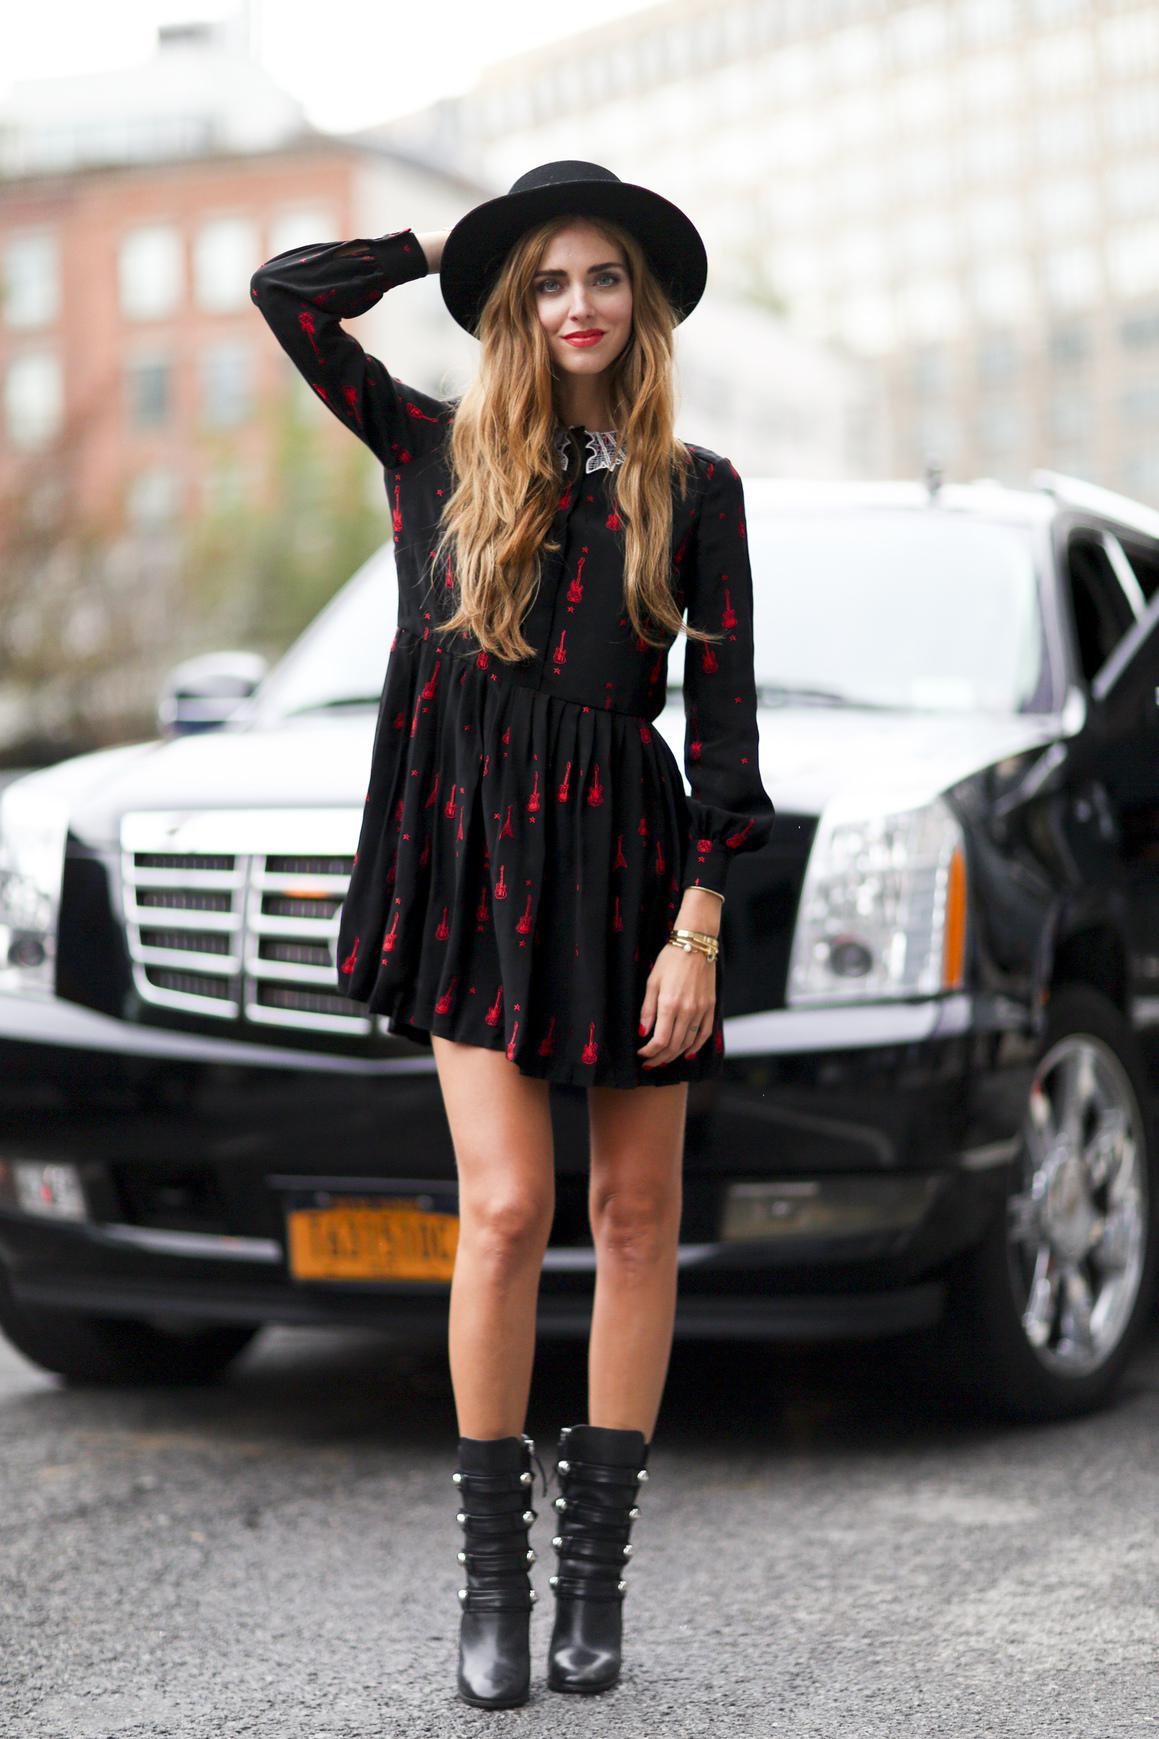 Consigli su Come Diventare Fashion Blogger